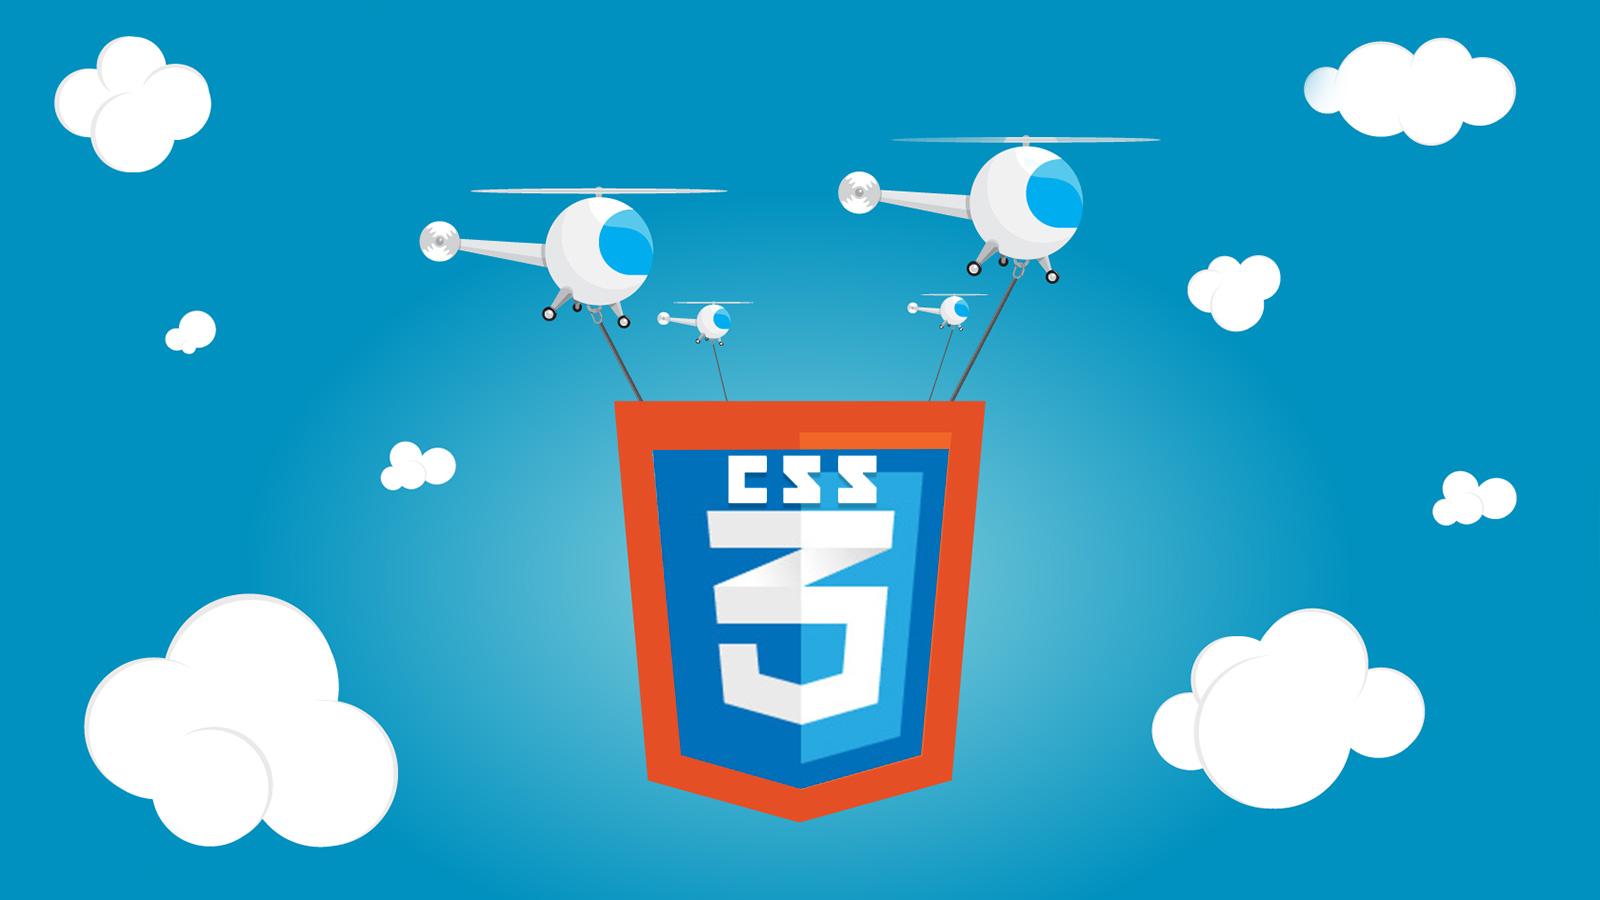 CSS35 (1)